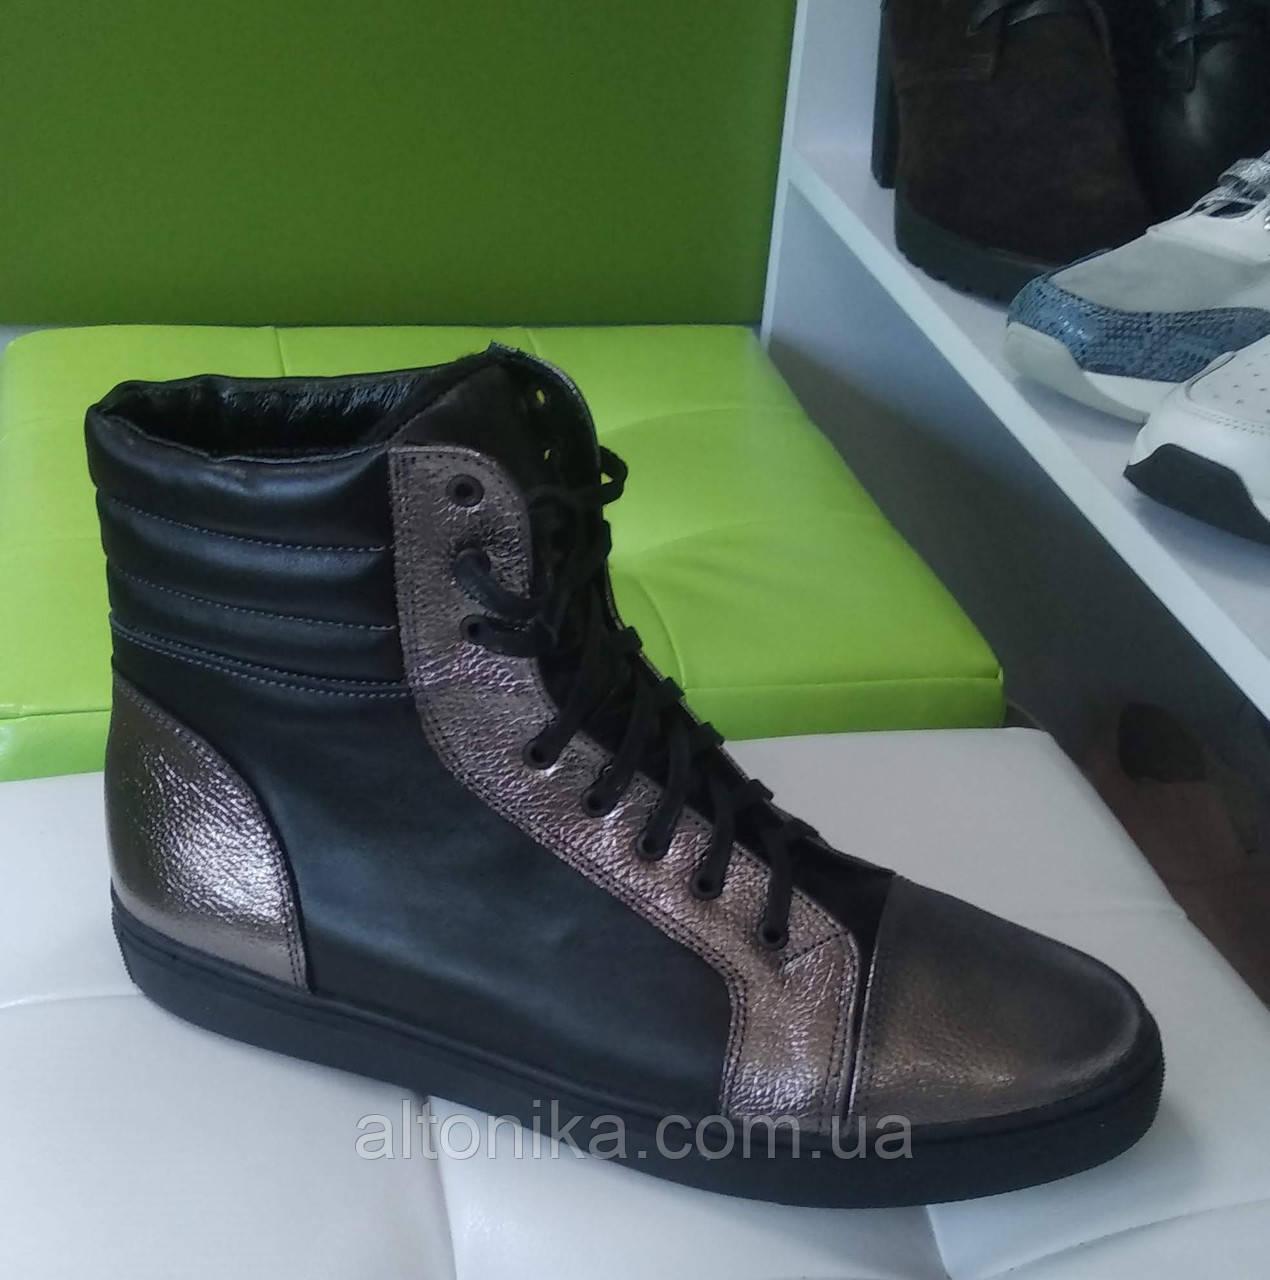 STTOPA деми зима. Размеры 40-44. Ботинки кожаные больших размеров! С9-13-4044-28-3644 Черные Серебро